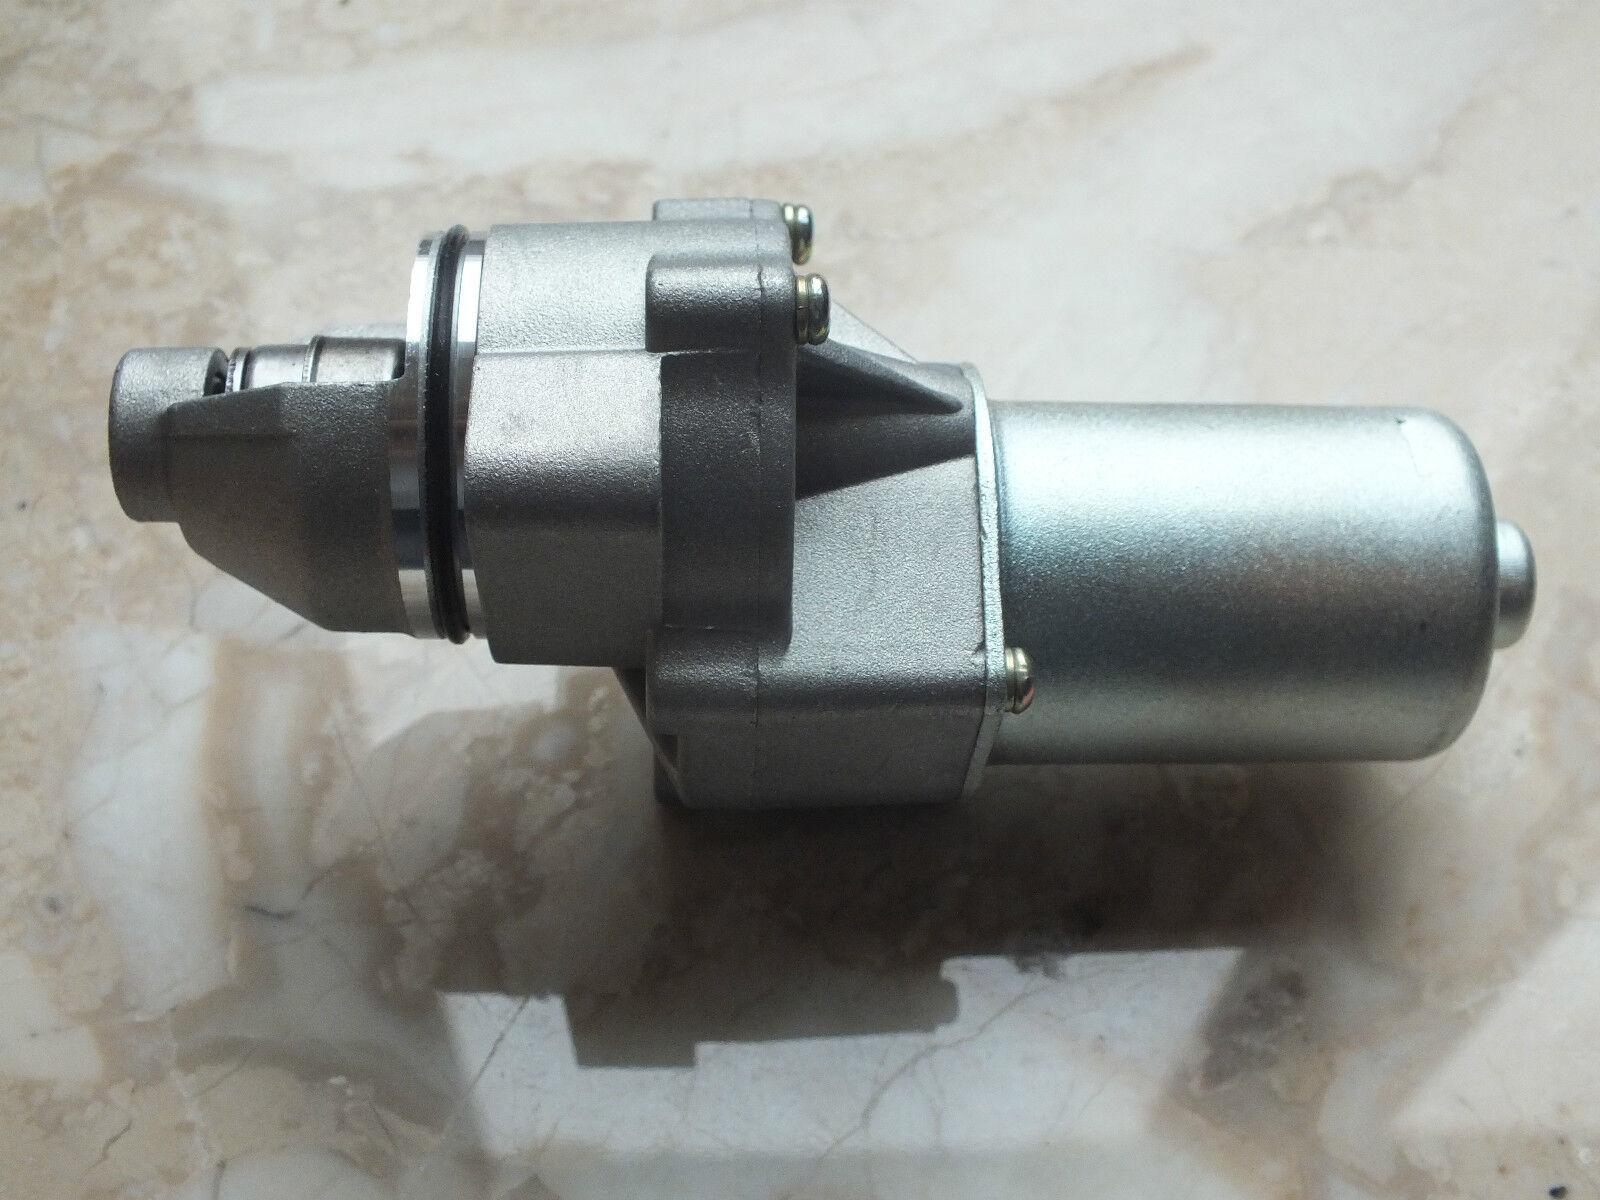 PARAMOTORE motore di avviamento per RADNE Corsair solo dente 200W 14 - 3MG14552J